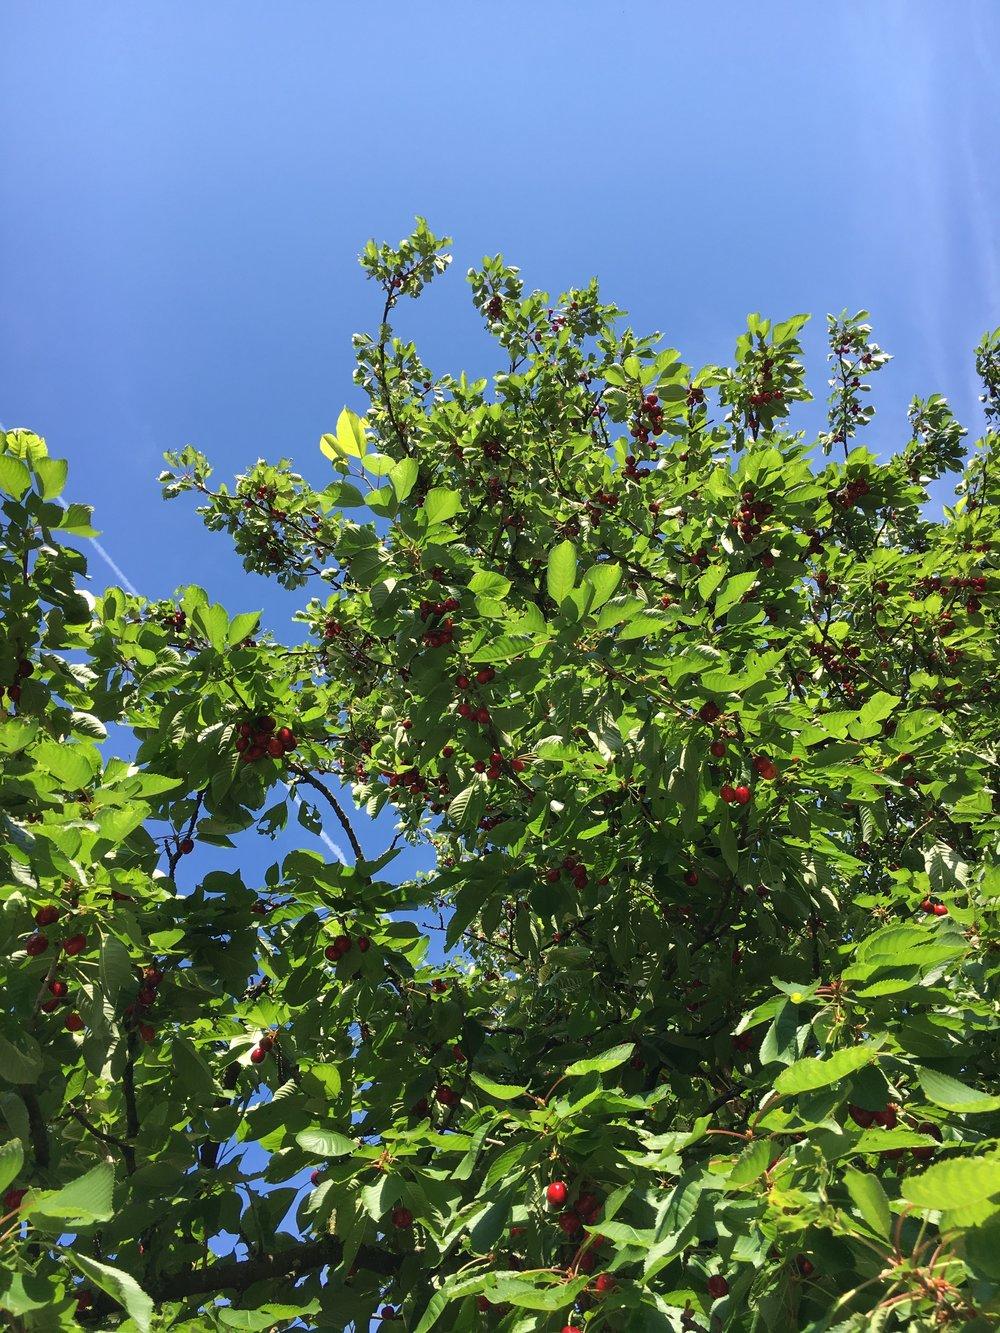 Voiko olla kirsikoita vaikka ei vielä olisi kesä?